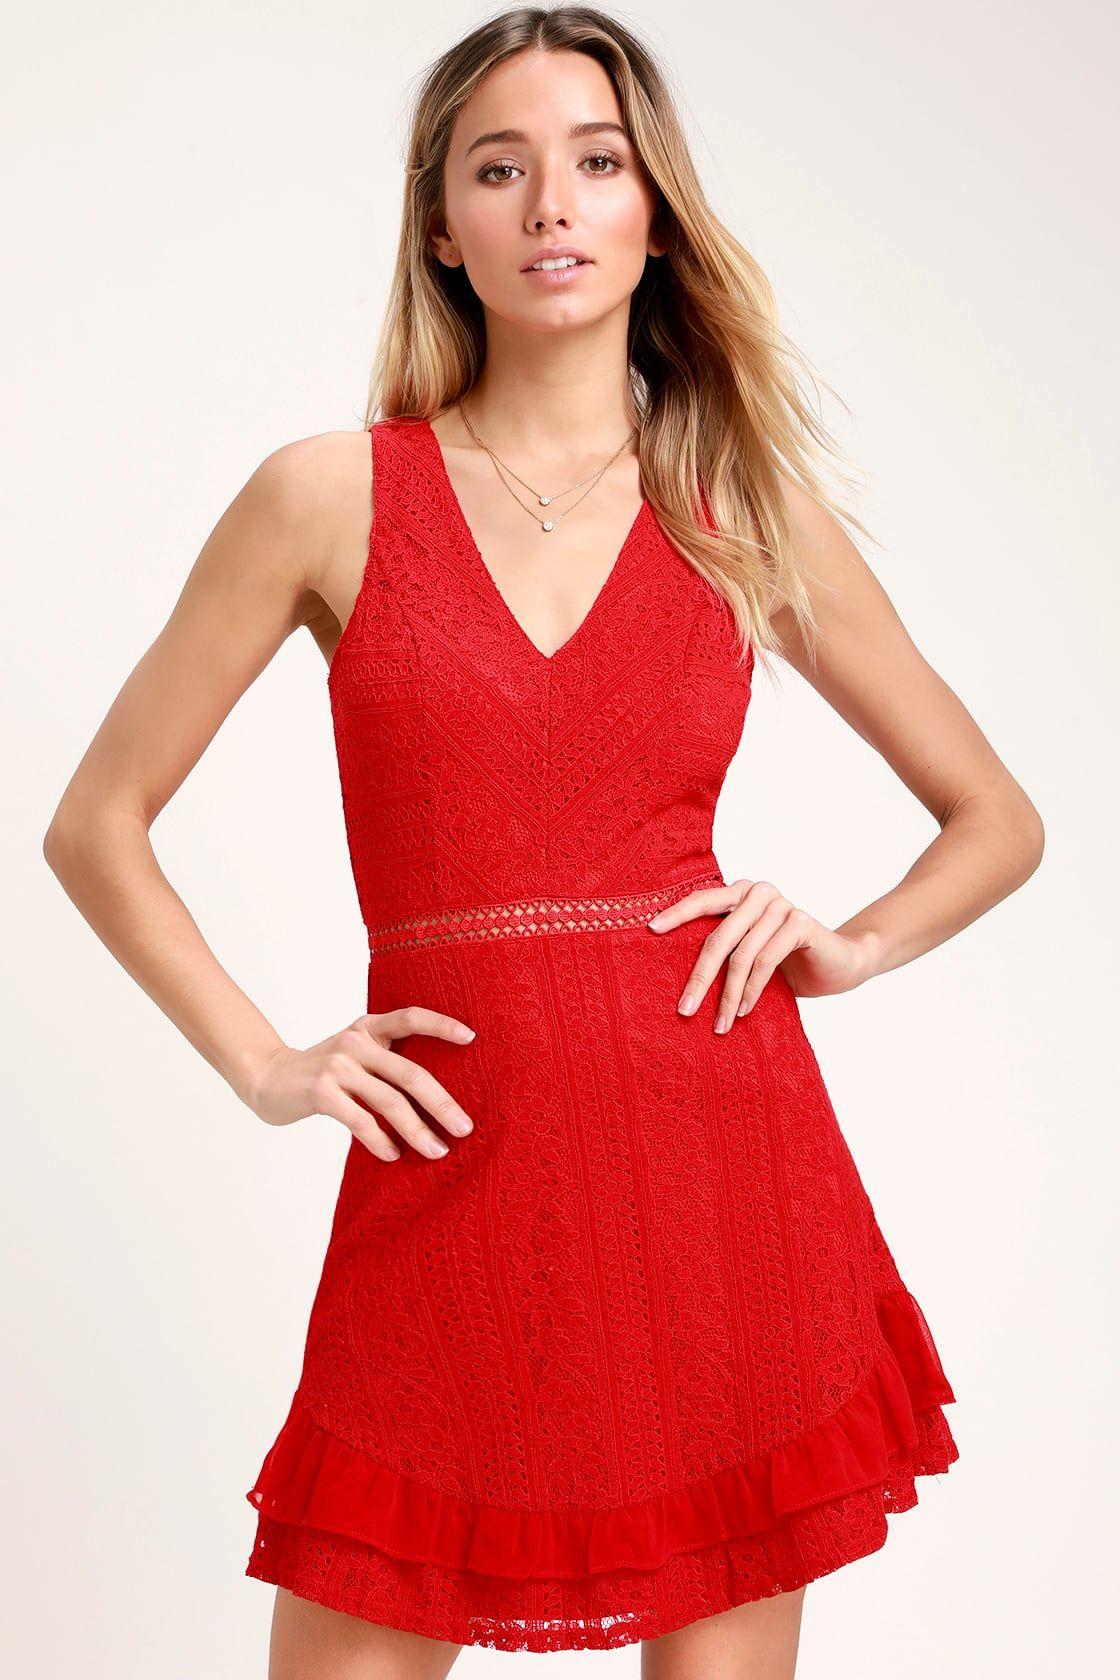 9d5453865a8 Cute Lace Dress - Red Dress - Ruffle Dress - Skater Dress